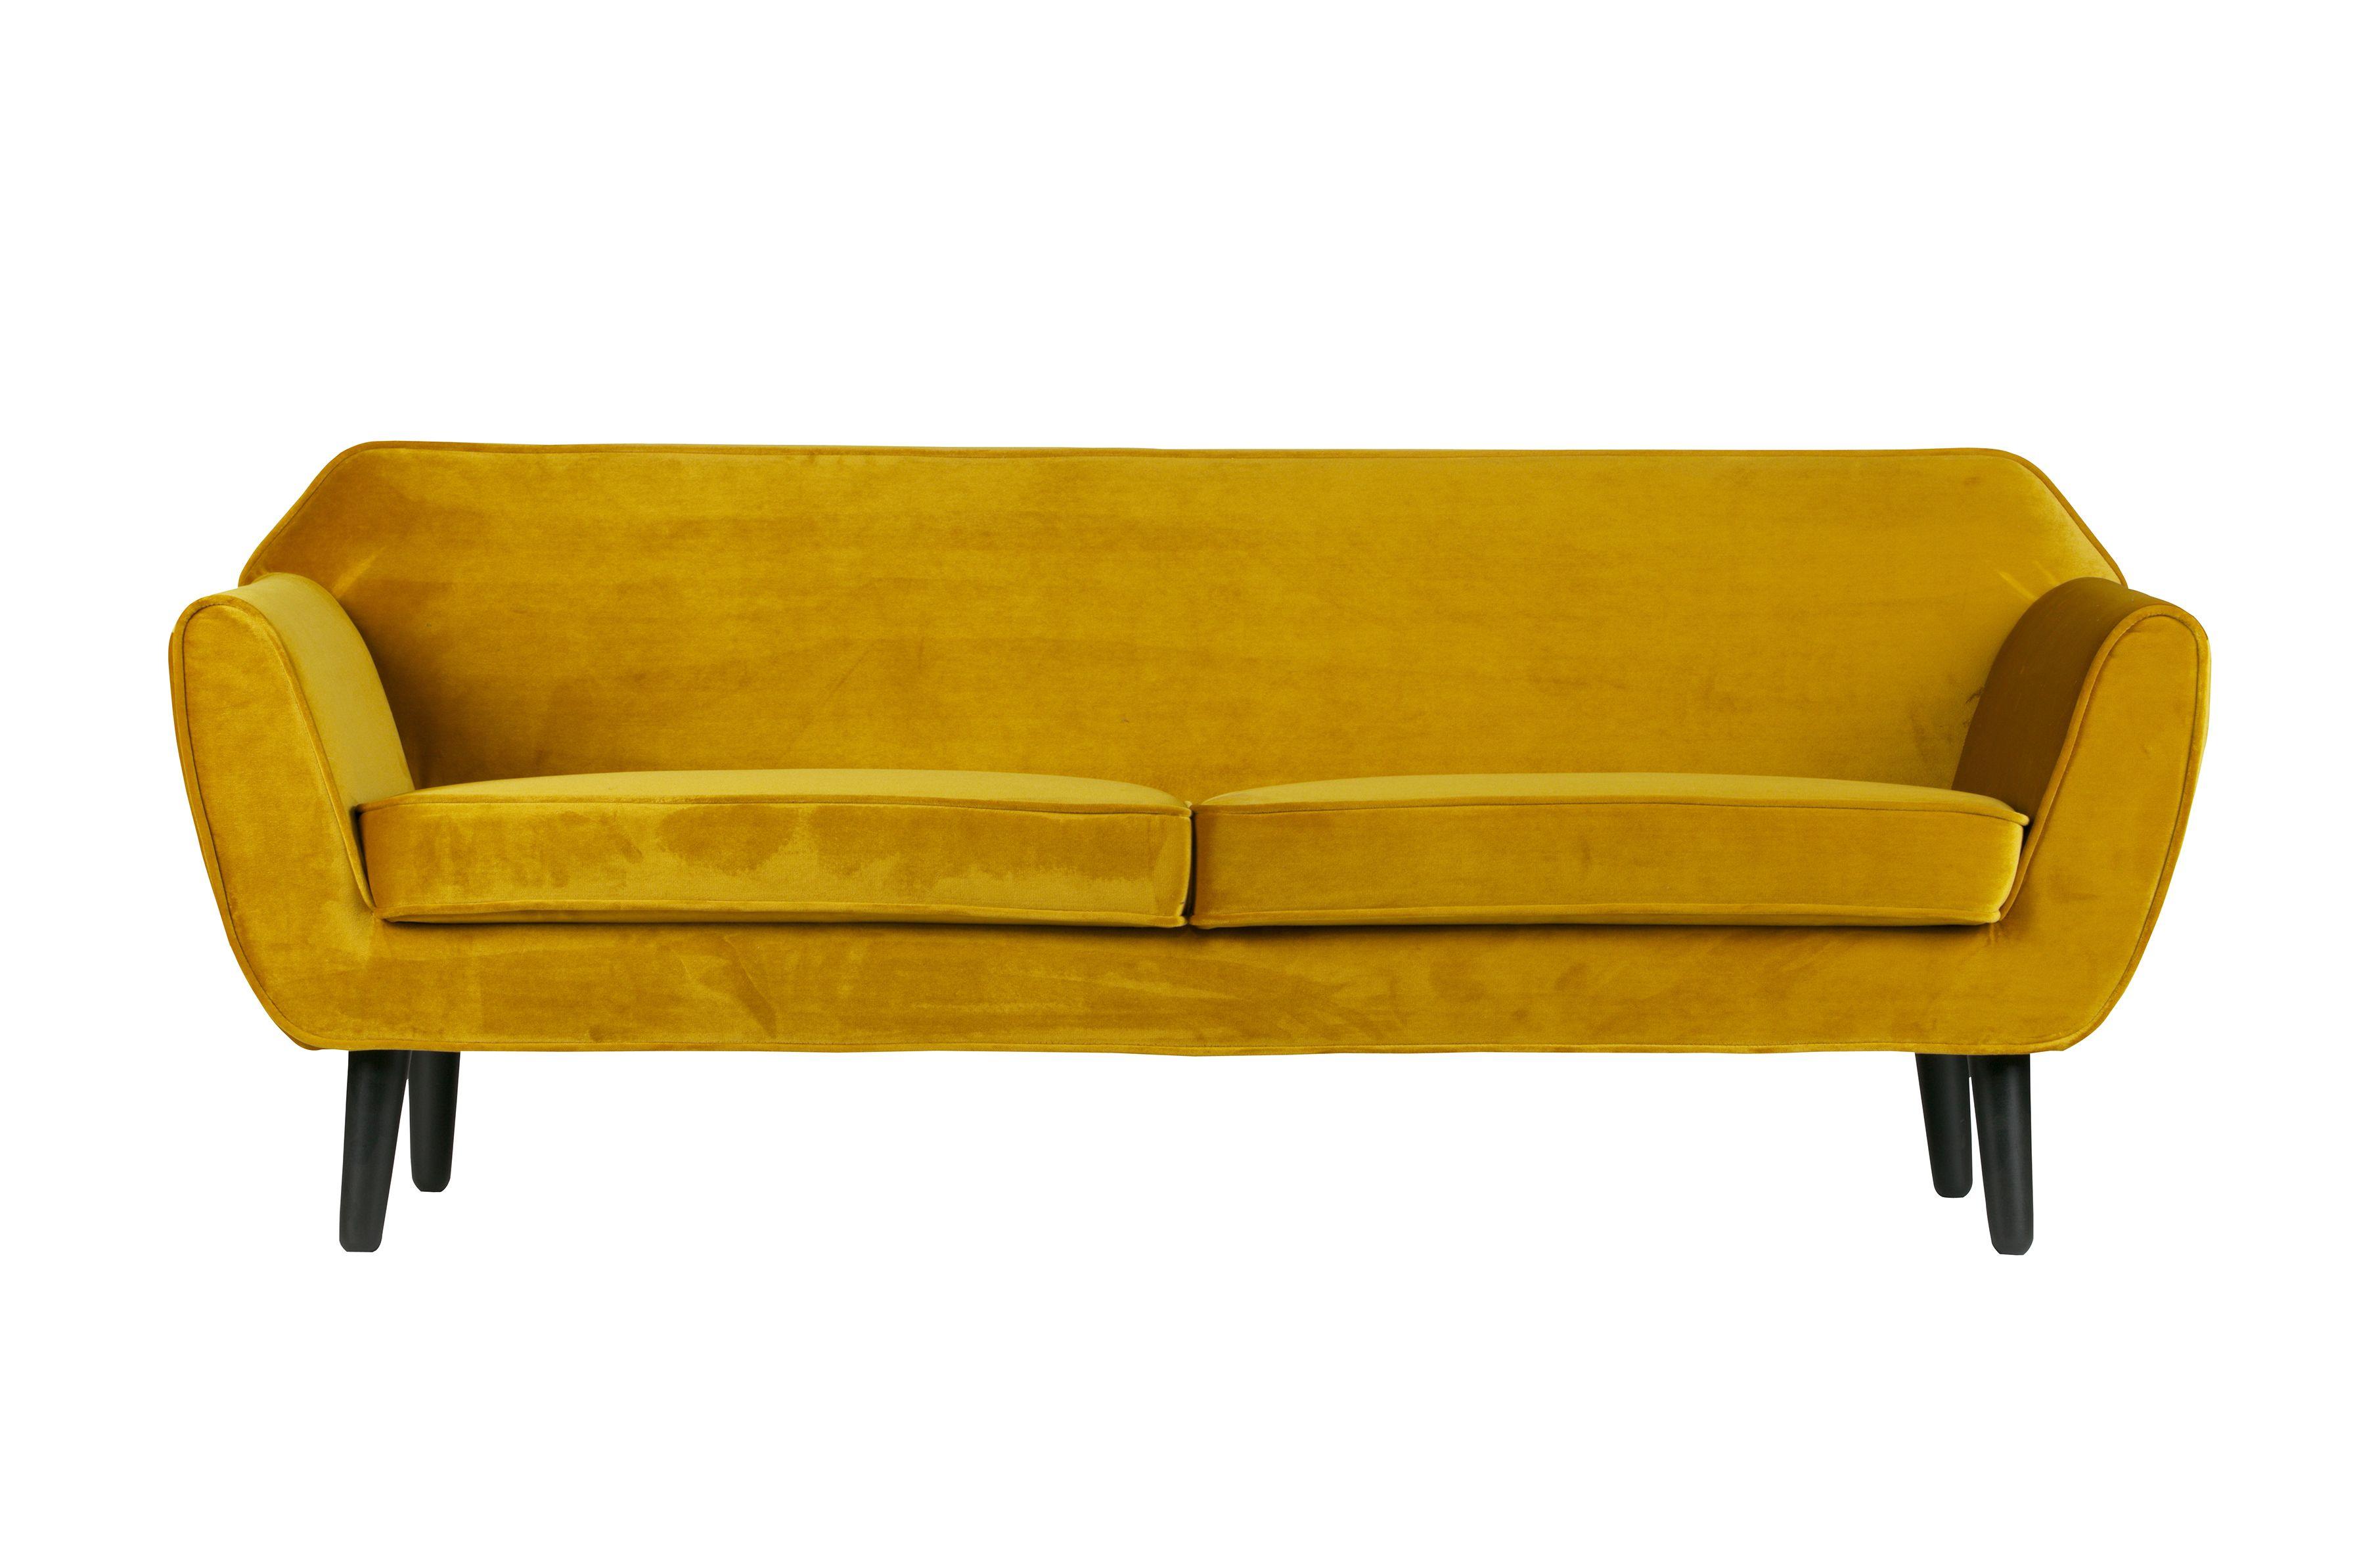 Pin Von Anastasija Mollmann Auf Kitchen Ideas Retro Sofa Sofa Und Retro